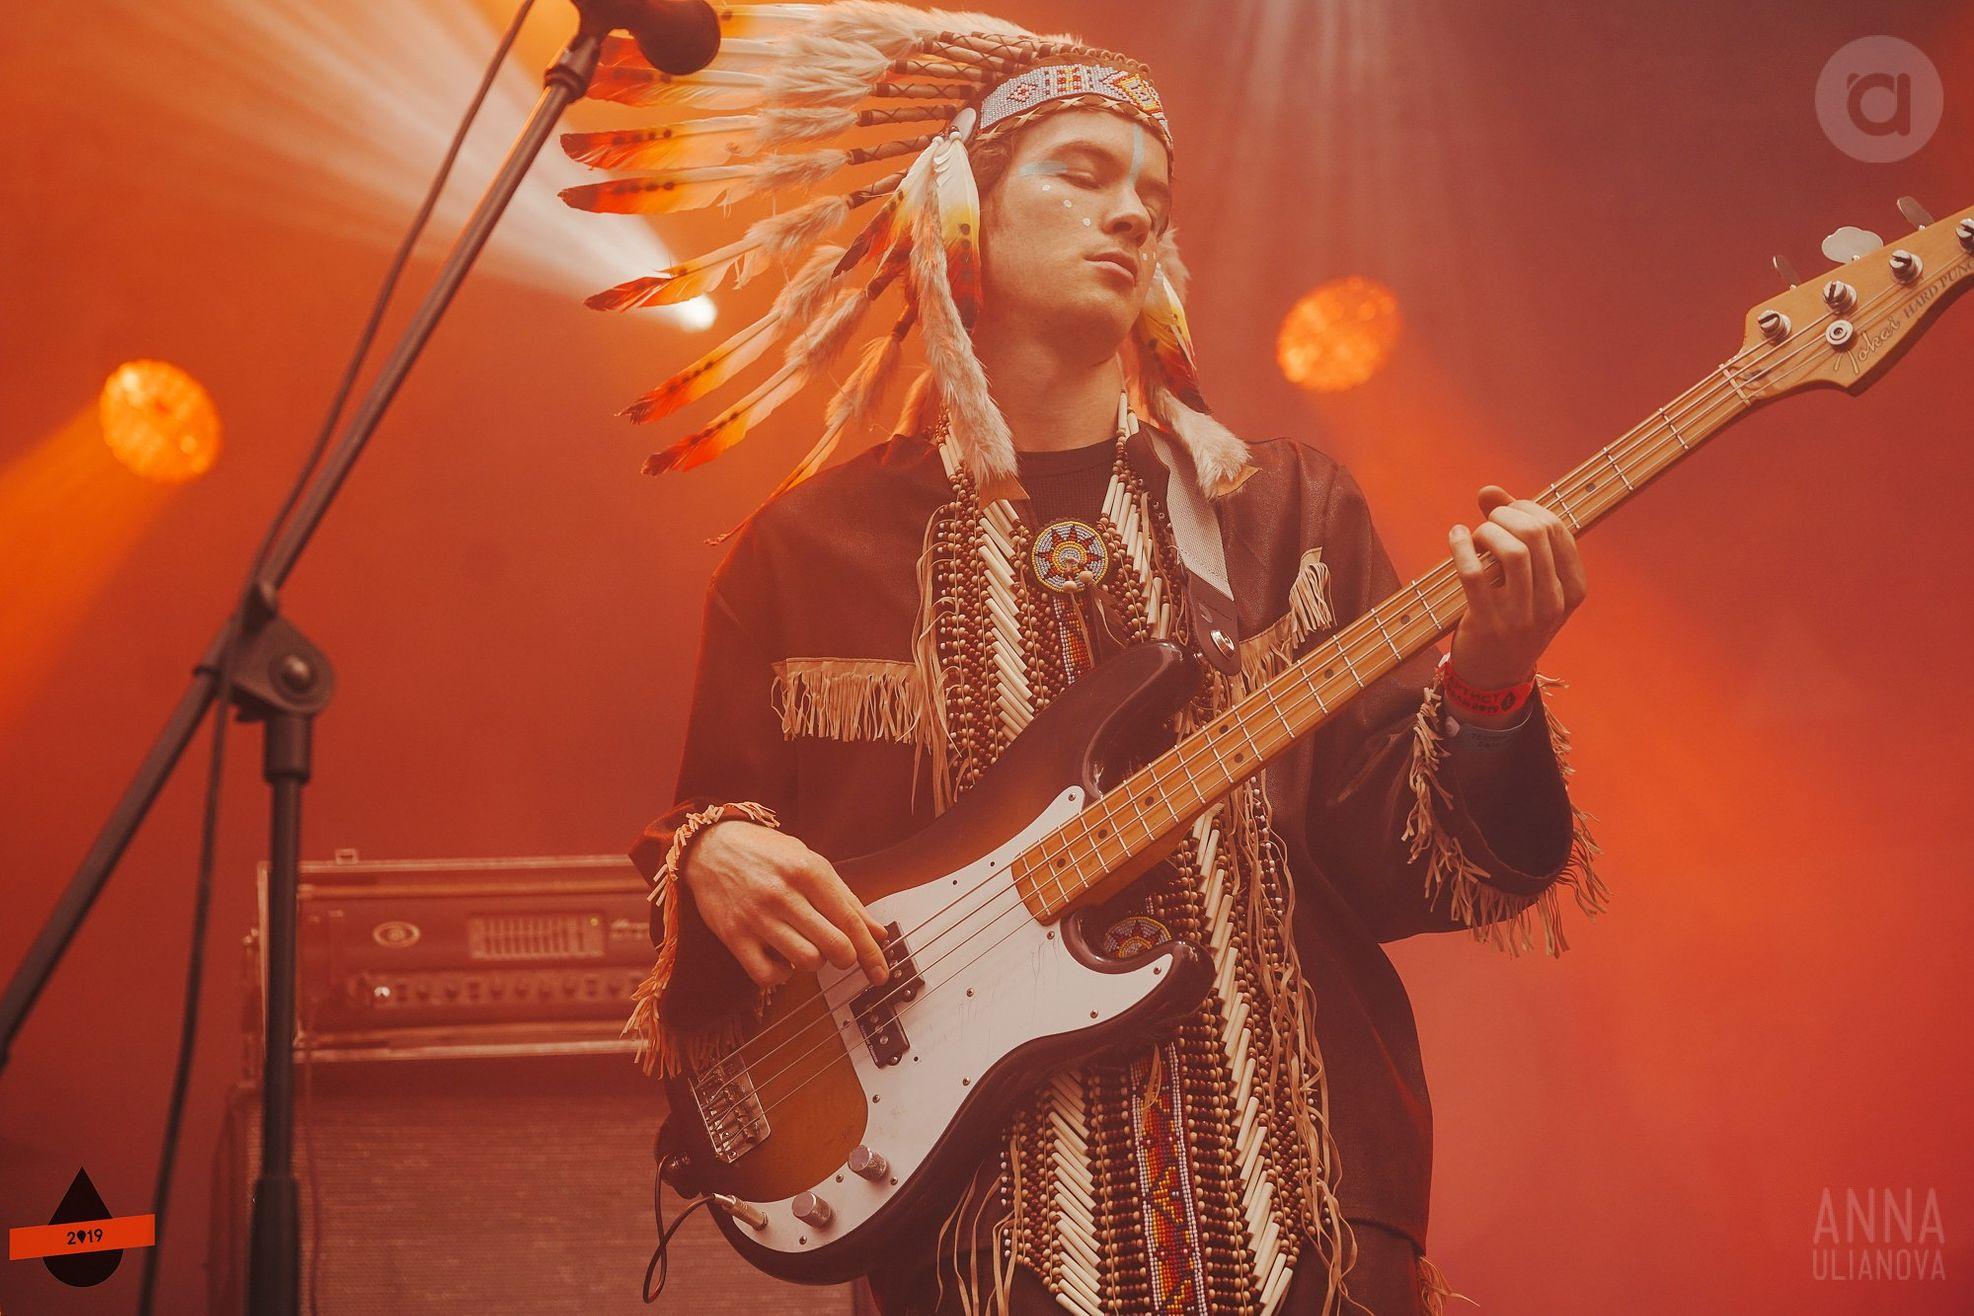 Басист «Хадн Дадн» Сергей Какуркин. Фото: Анна Ульянова